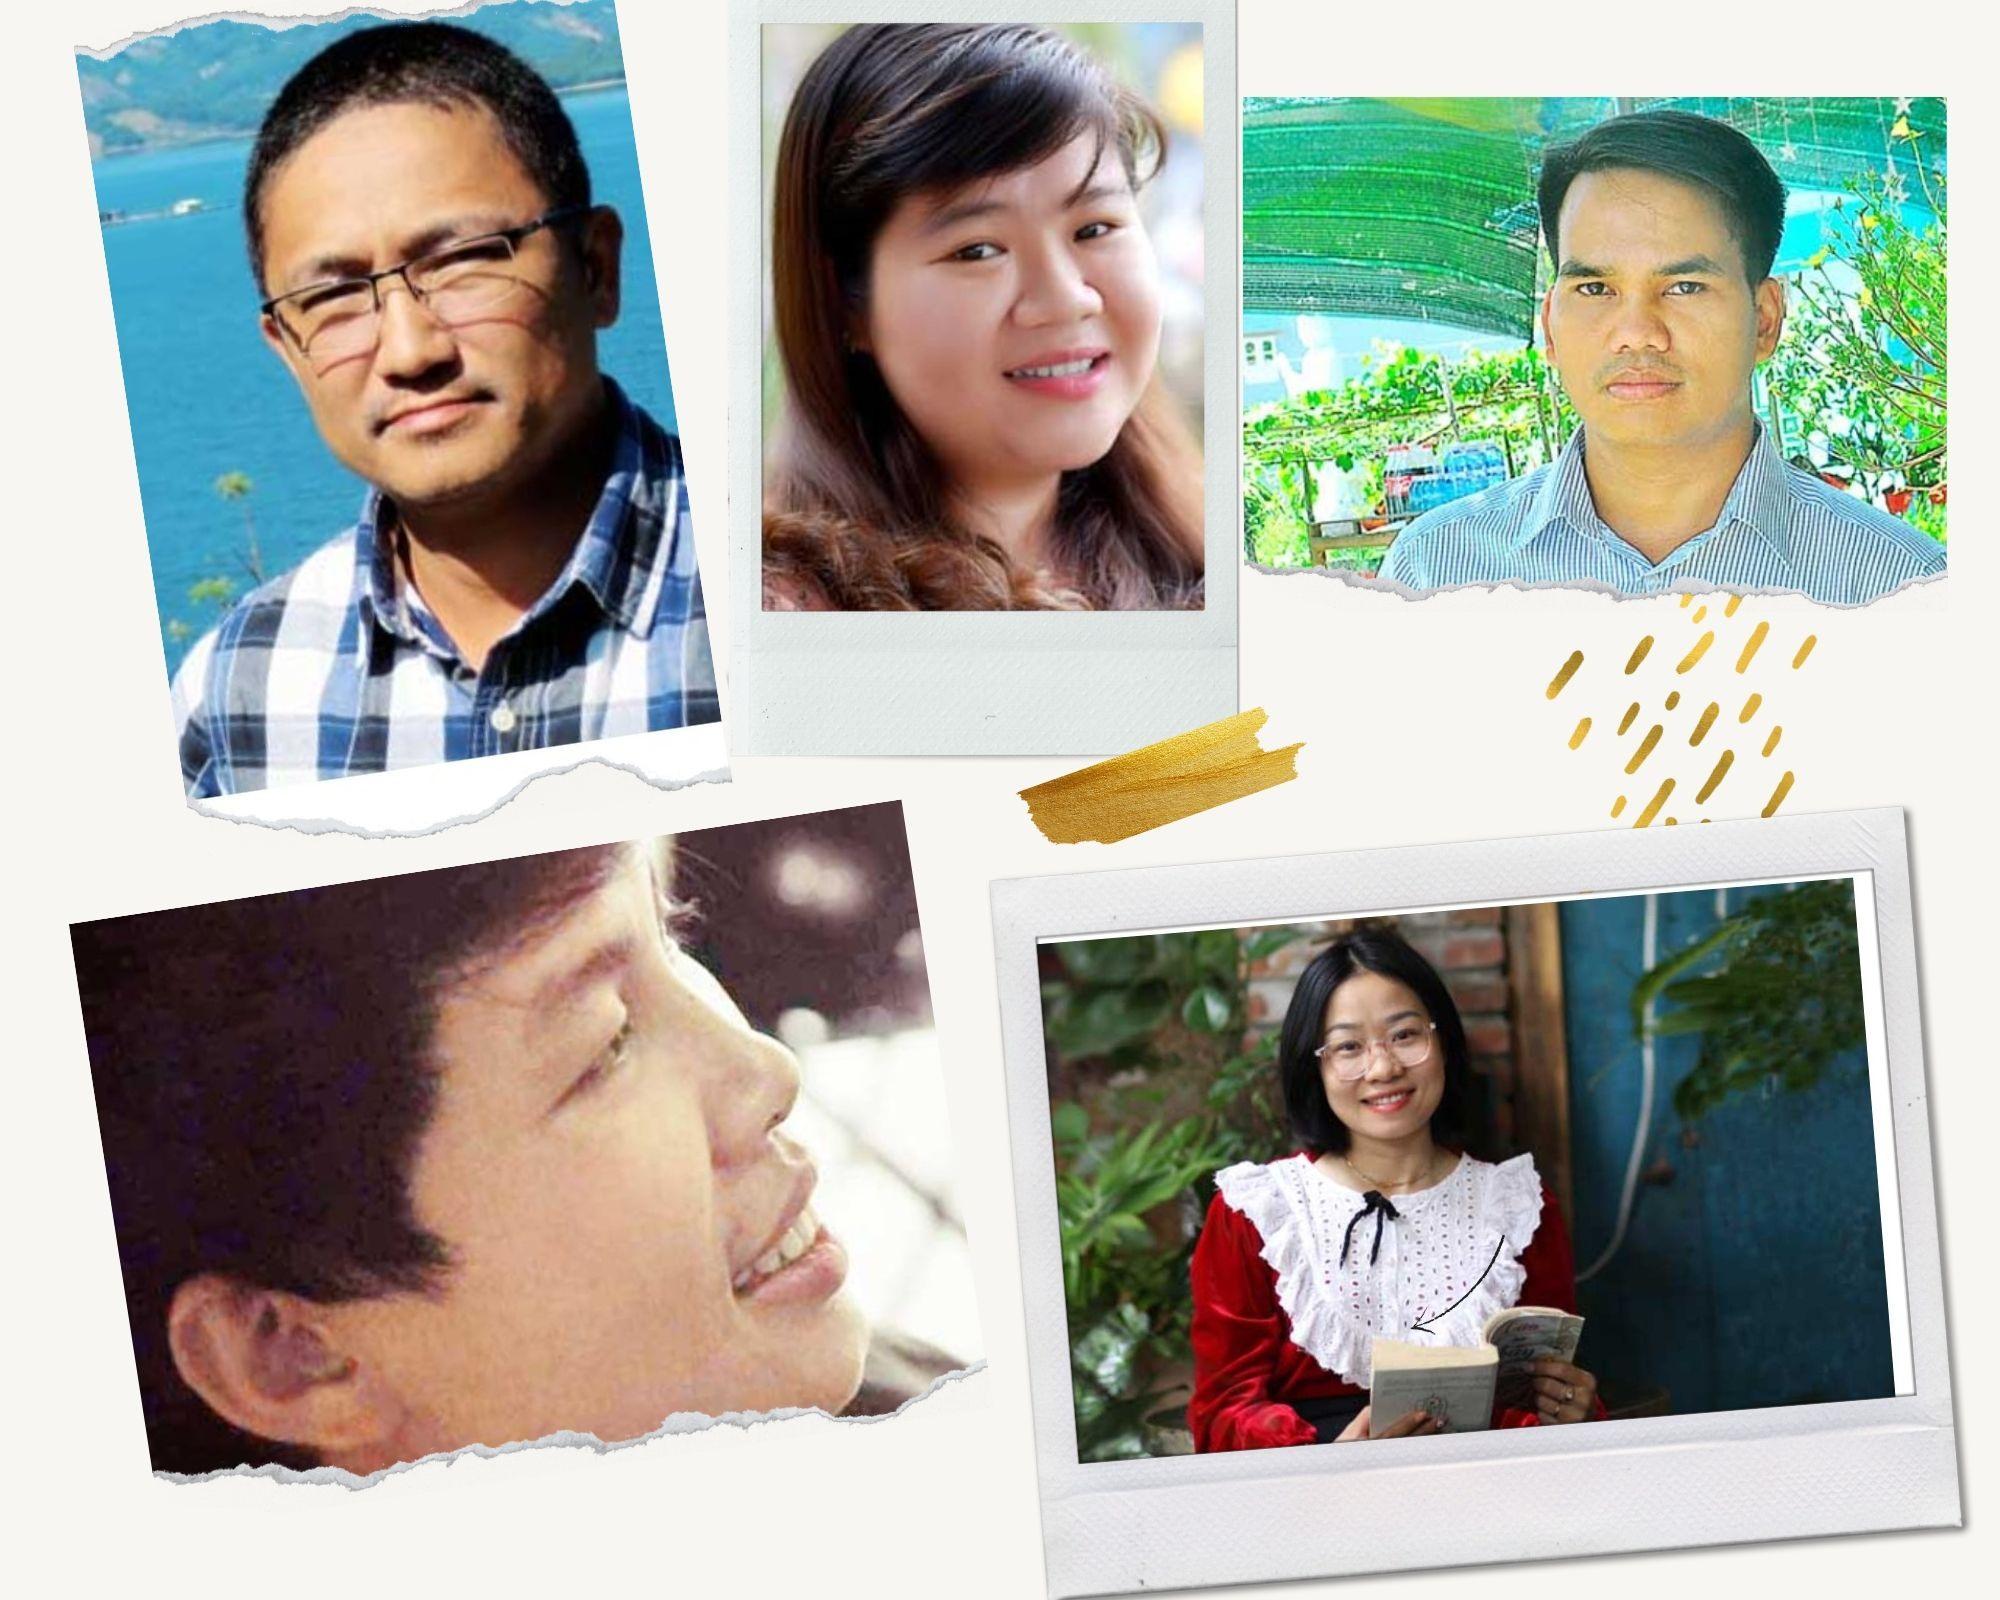 5 gương mặt trẻ được Hội VHNT Quảng Nam đề cử tham dự Hội nghị những người viết văn trẻ toàn quốc lần thứ 10: Trần Vương, Minh Thùy, Alăng Văn Gáo, Đỗ Hoàng Tâm, Cẩm Giang. Ảnh: B.A